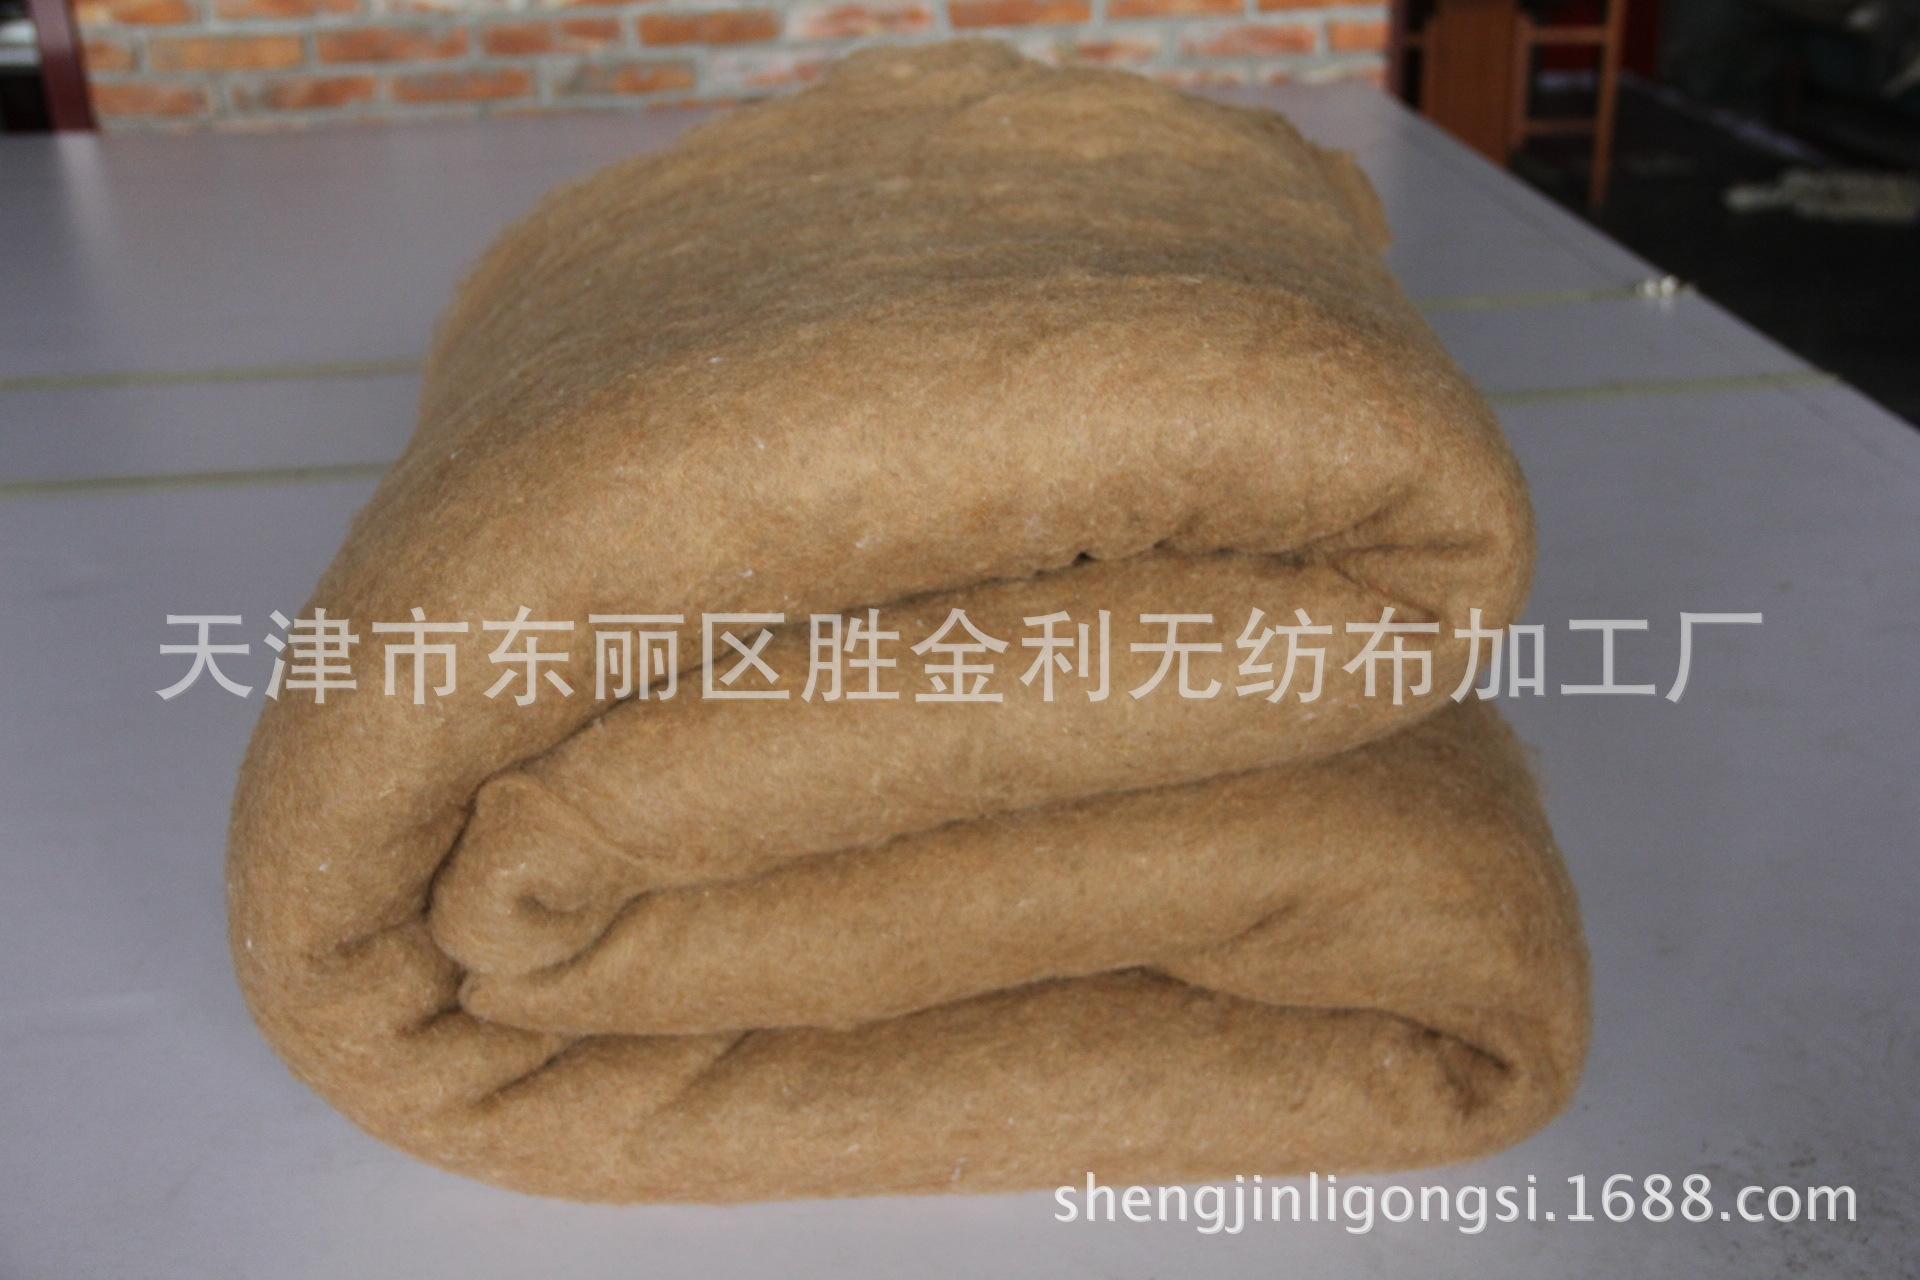 直销涤纶针刺无纺布针刺棉兼具价格优势与保暖性能用于服装里料